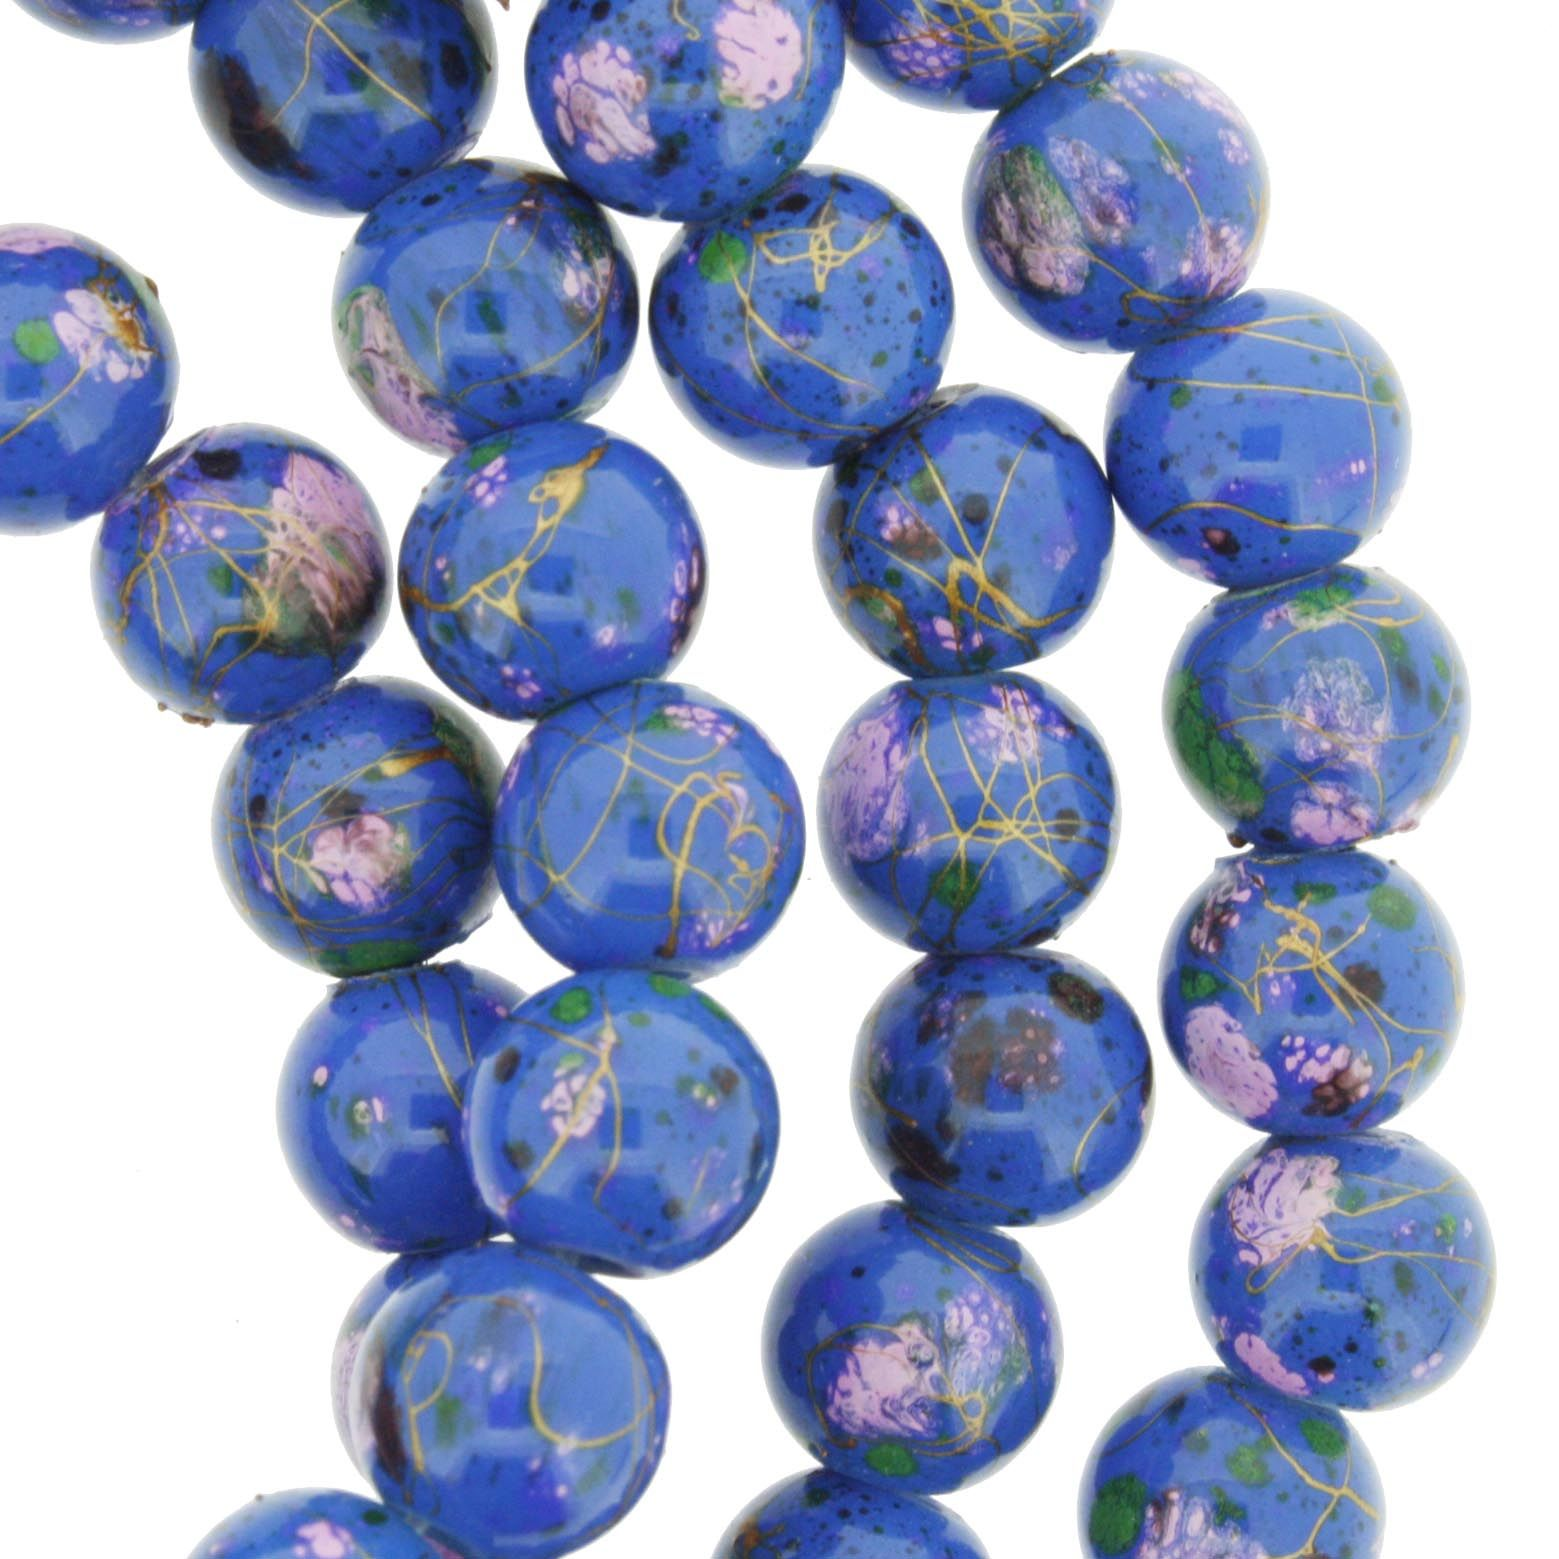 Fio de Contas Pintadas - Azul e Rosa - 8mm  - Universo Religioso® - Artigos de Umbanda e Candomblé